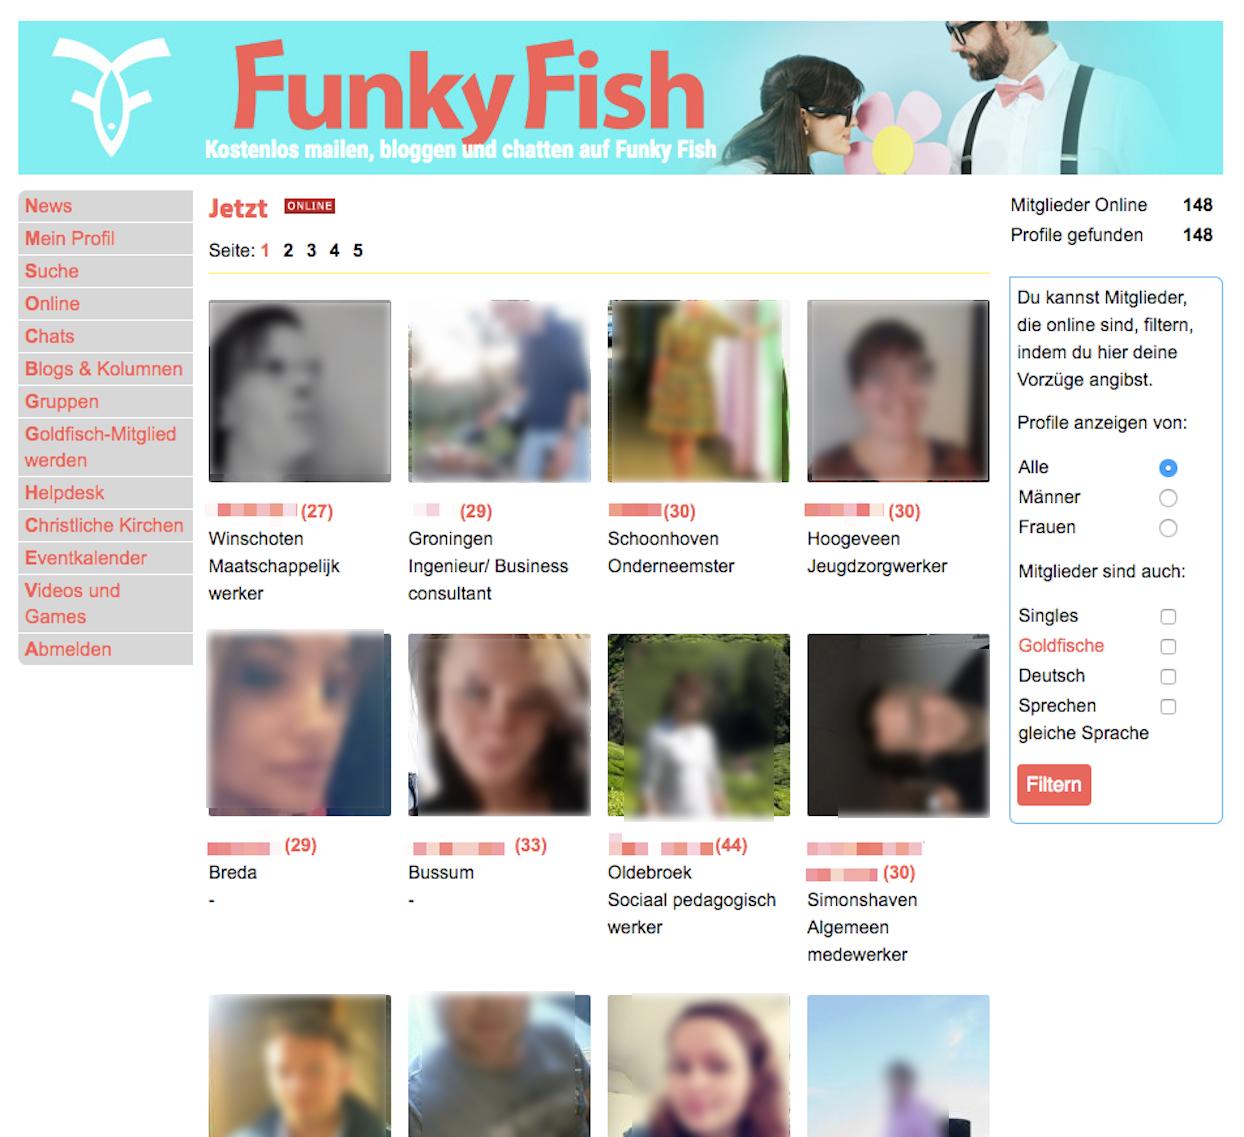 FunkyFish Mitglieder